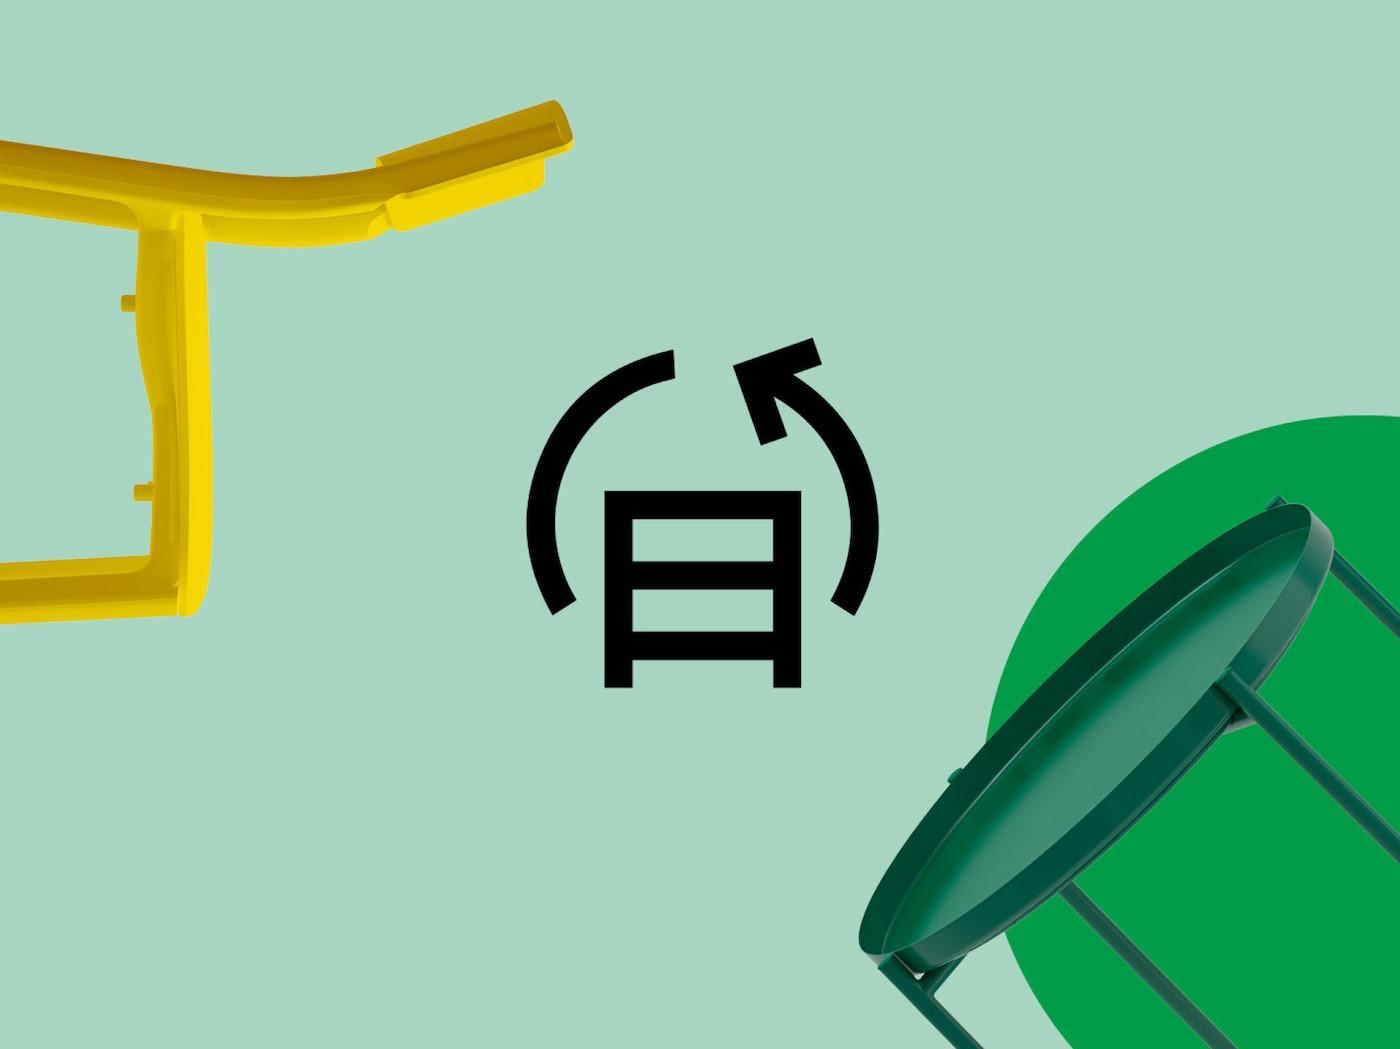 Na zelenom pozadí sa vznášajú kusy nábytku. Vstrede sa nachádza ikona služby Druhý život nábytku.